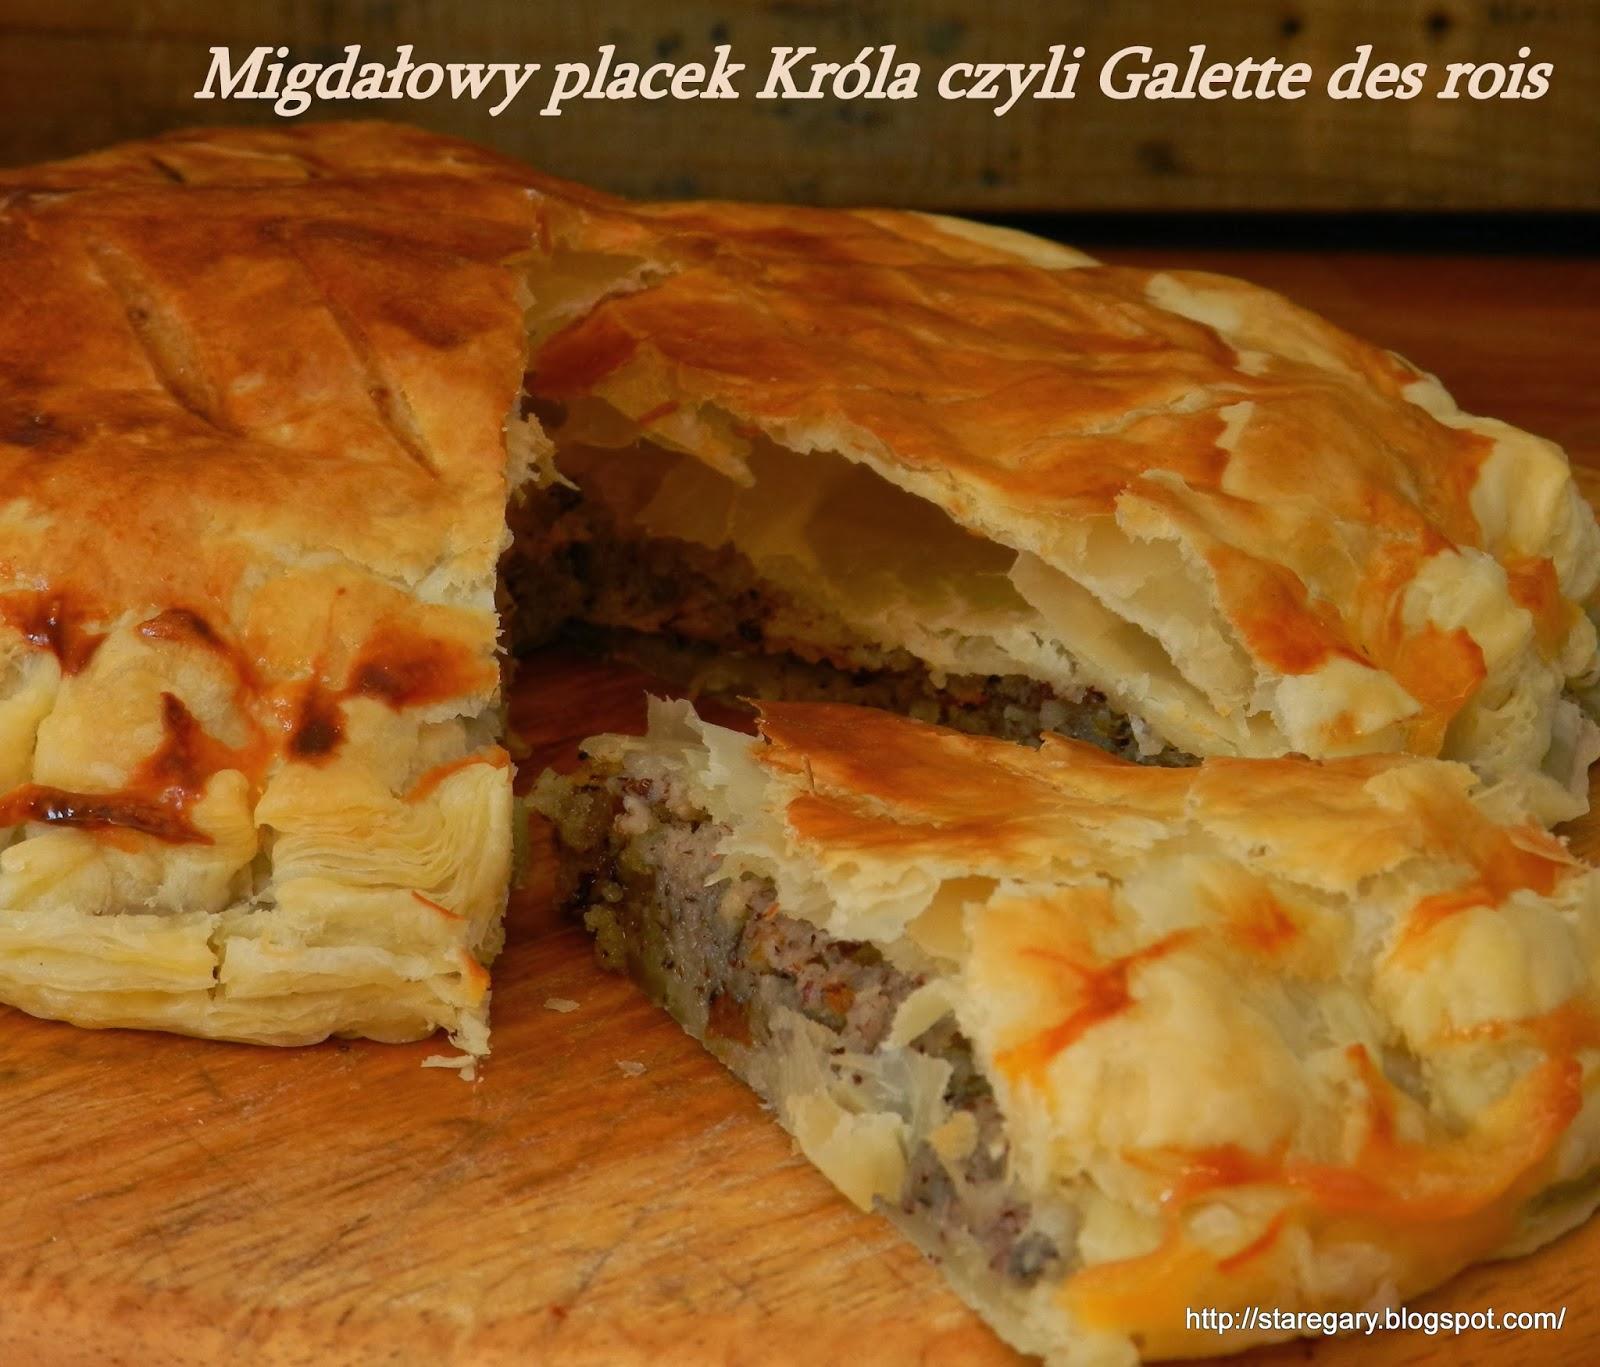 Migdałowy placek Króla czyli Galette des rois